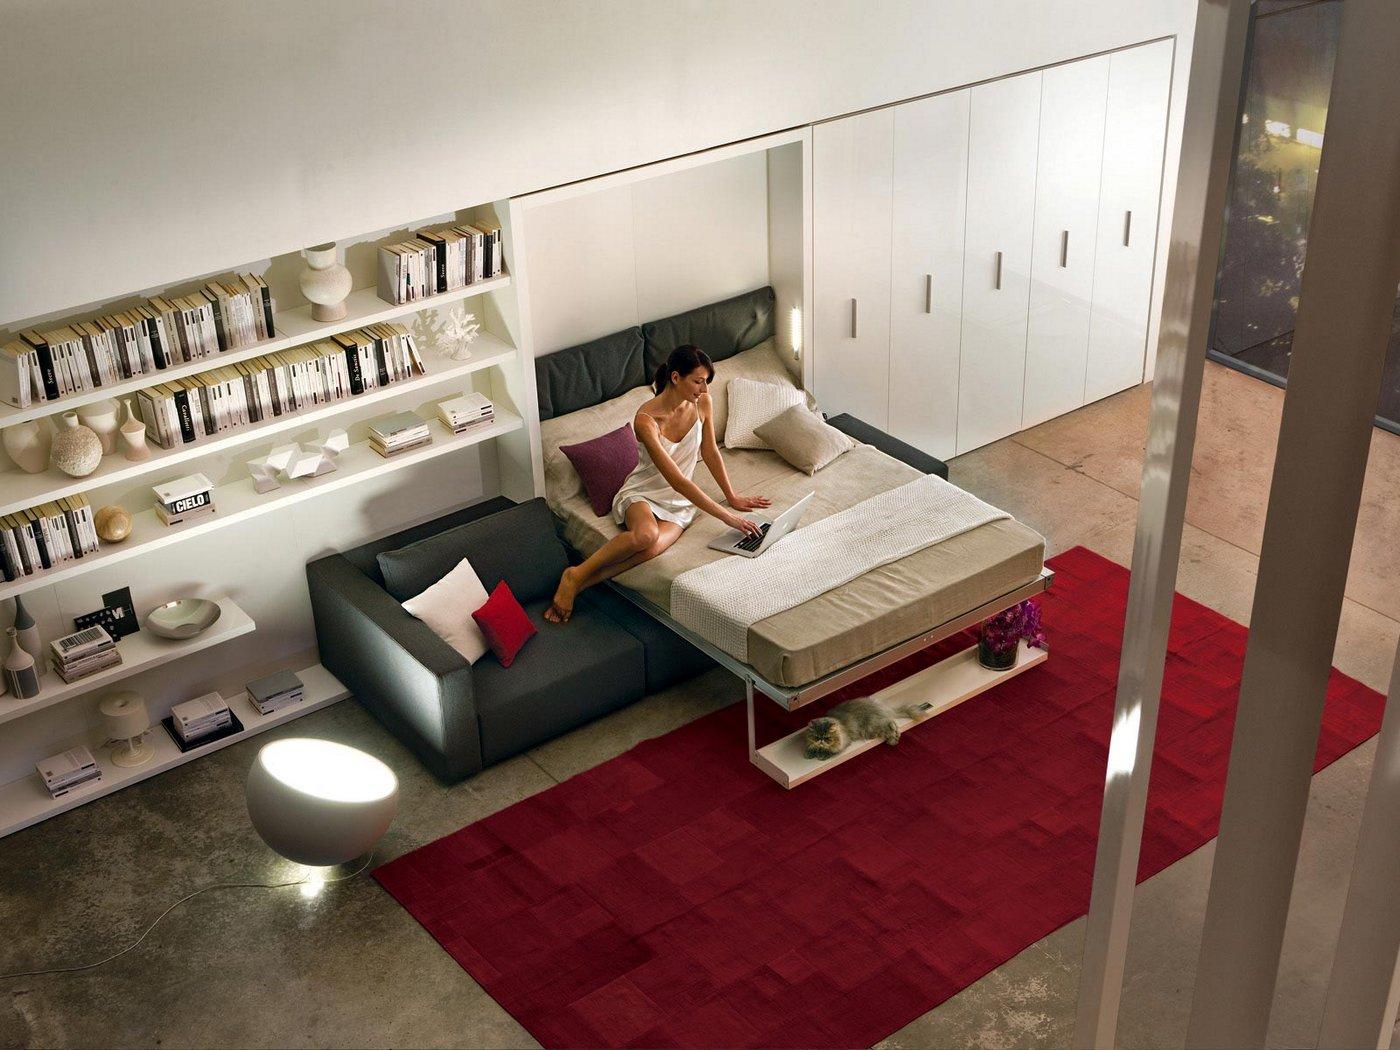 Camas abatibles con sofa | CAMAS ABATIBLES MADRID|CAMAS PLEGABLES